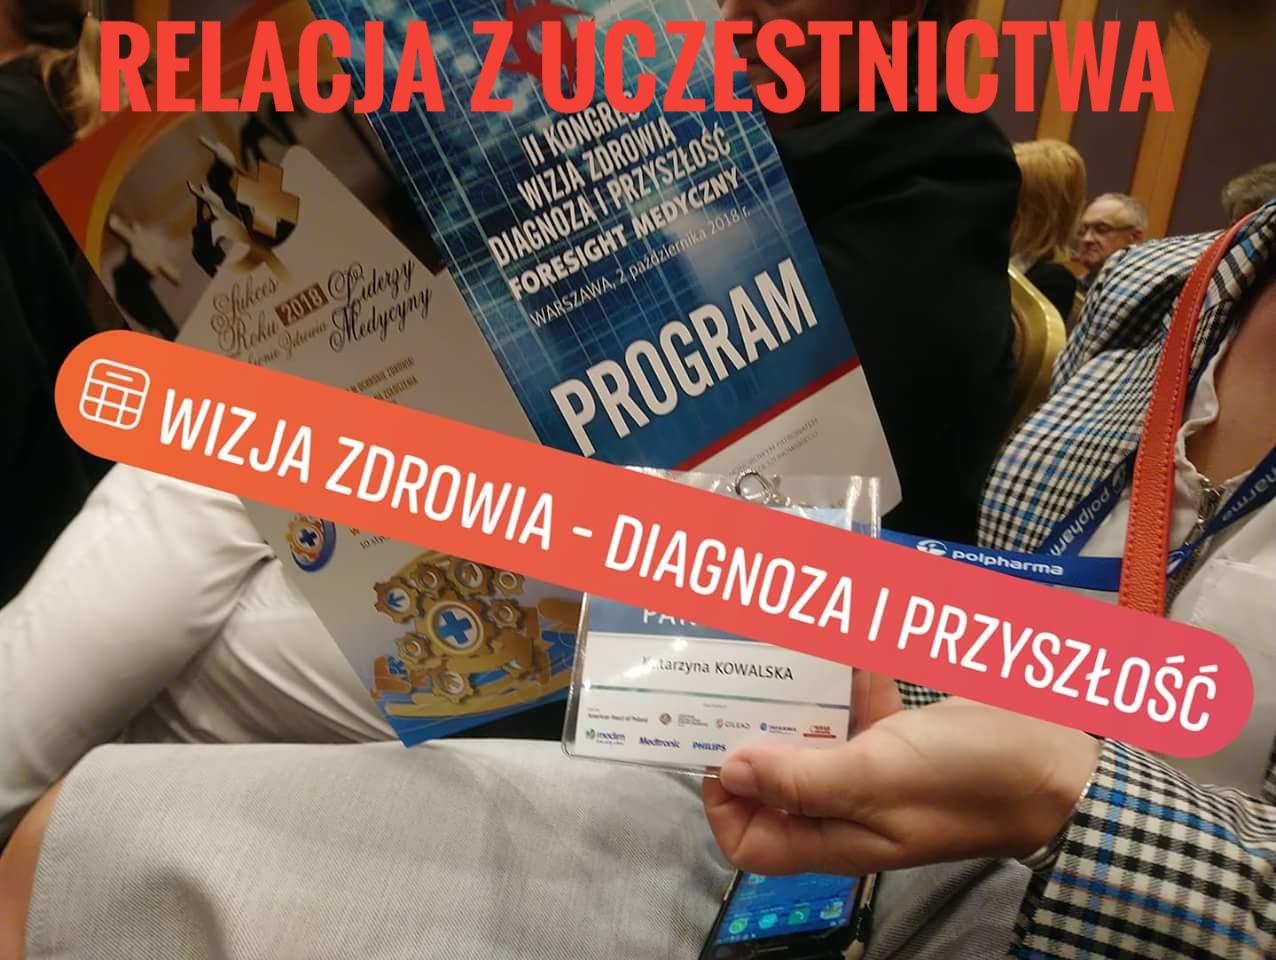 """Stowarzyszenie Pielęgniarki Cyfrowe obecne na 2 Kongresie ,, Wizja Zdrowia – diagnoza i przyszłość"""""""